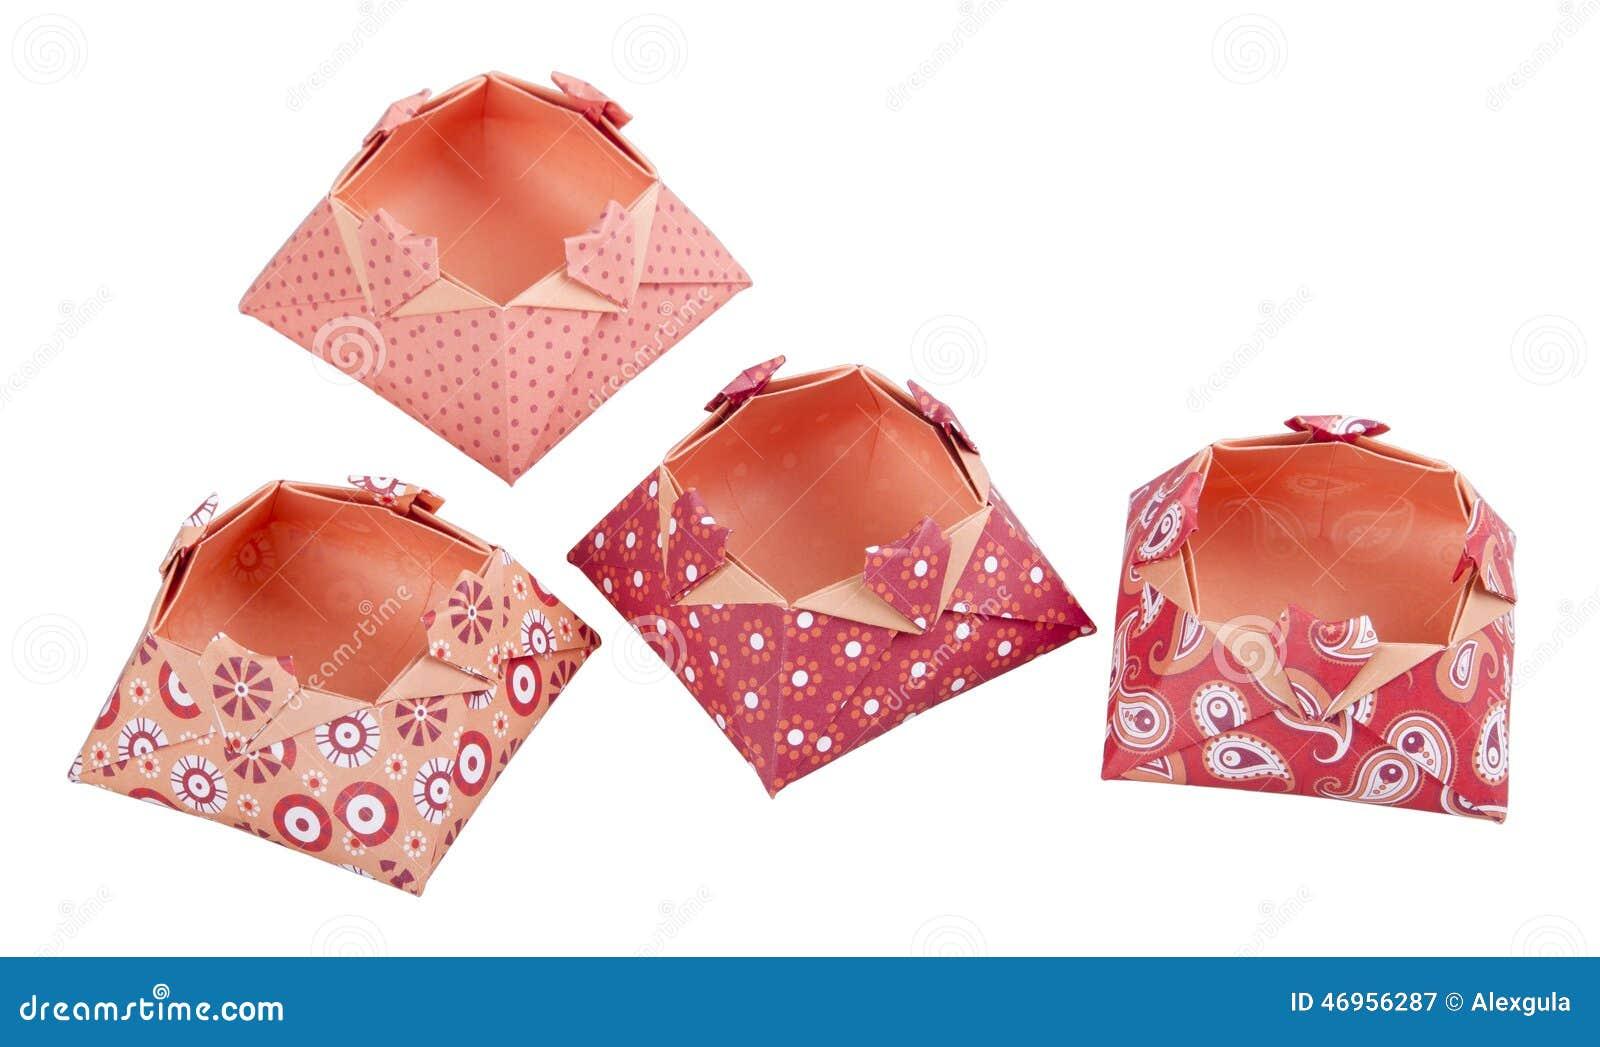 Bo tes de papier d 39 amour d 39 origami bo te cadeau d 39 isolement phot - Papier cadeau origami ...